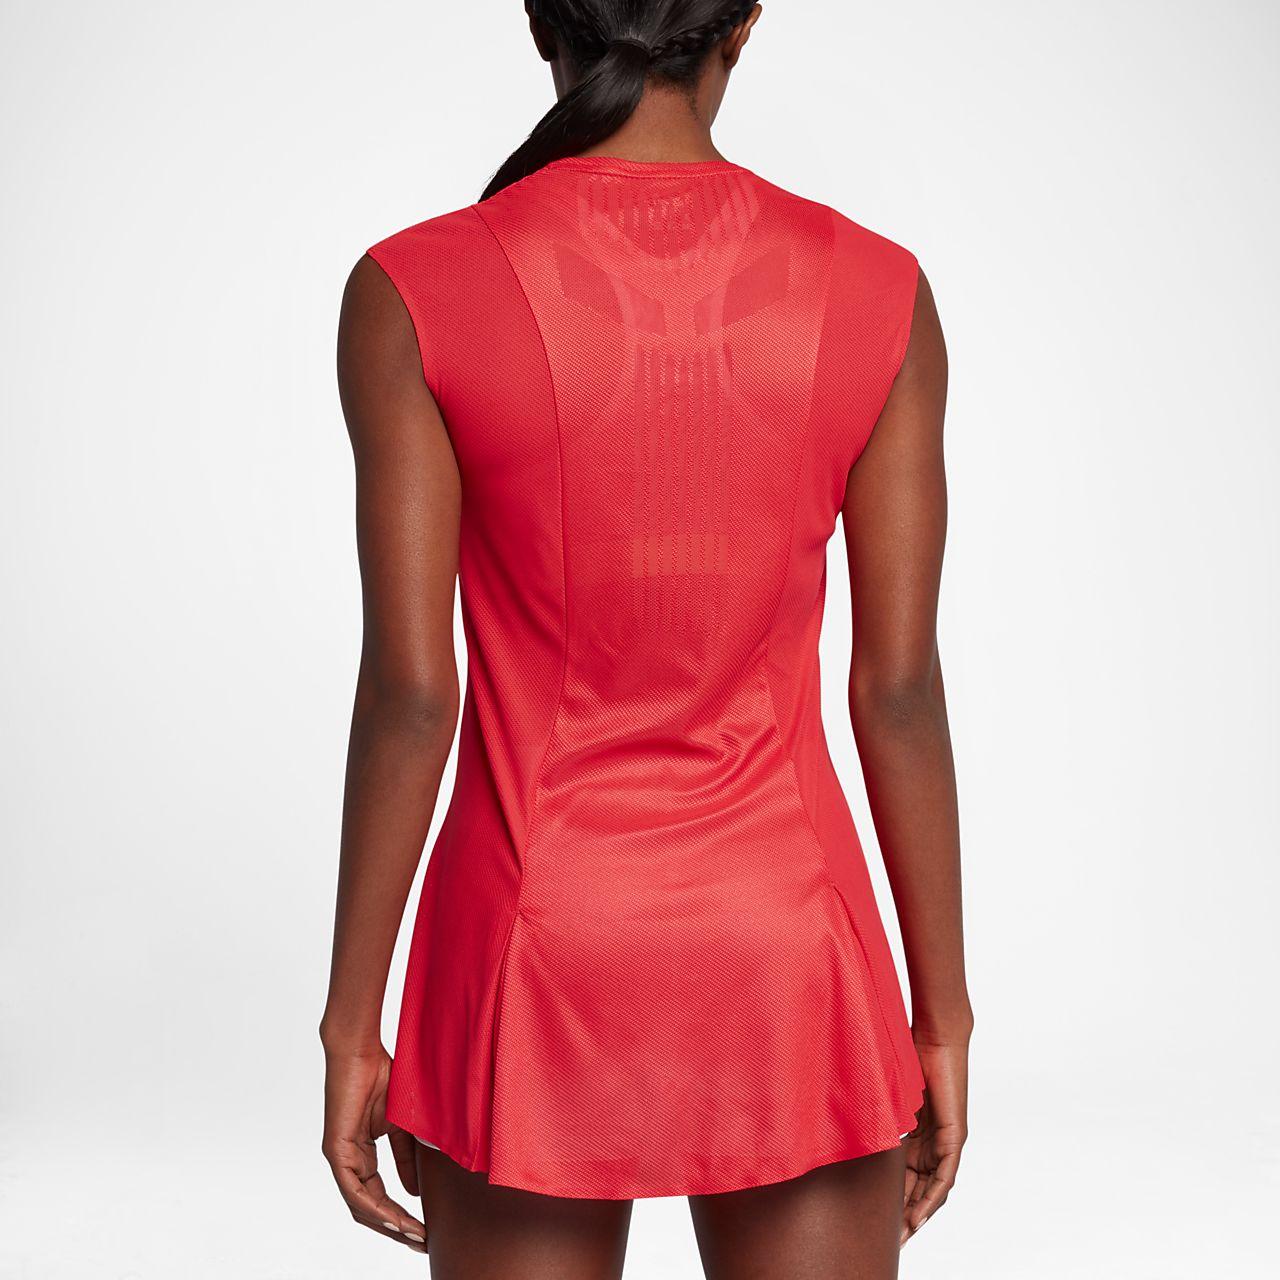 Robe de tennis nikecourt dry slam pour femme fr - Robe tennis femme ...